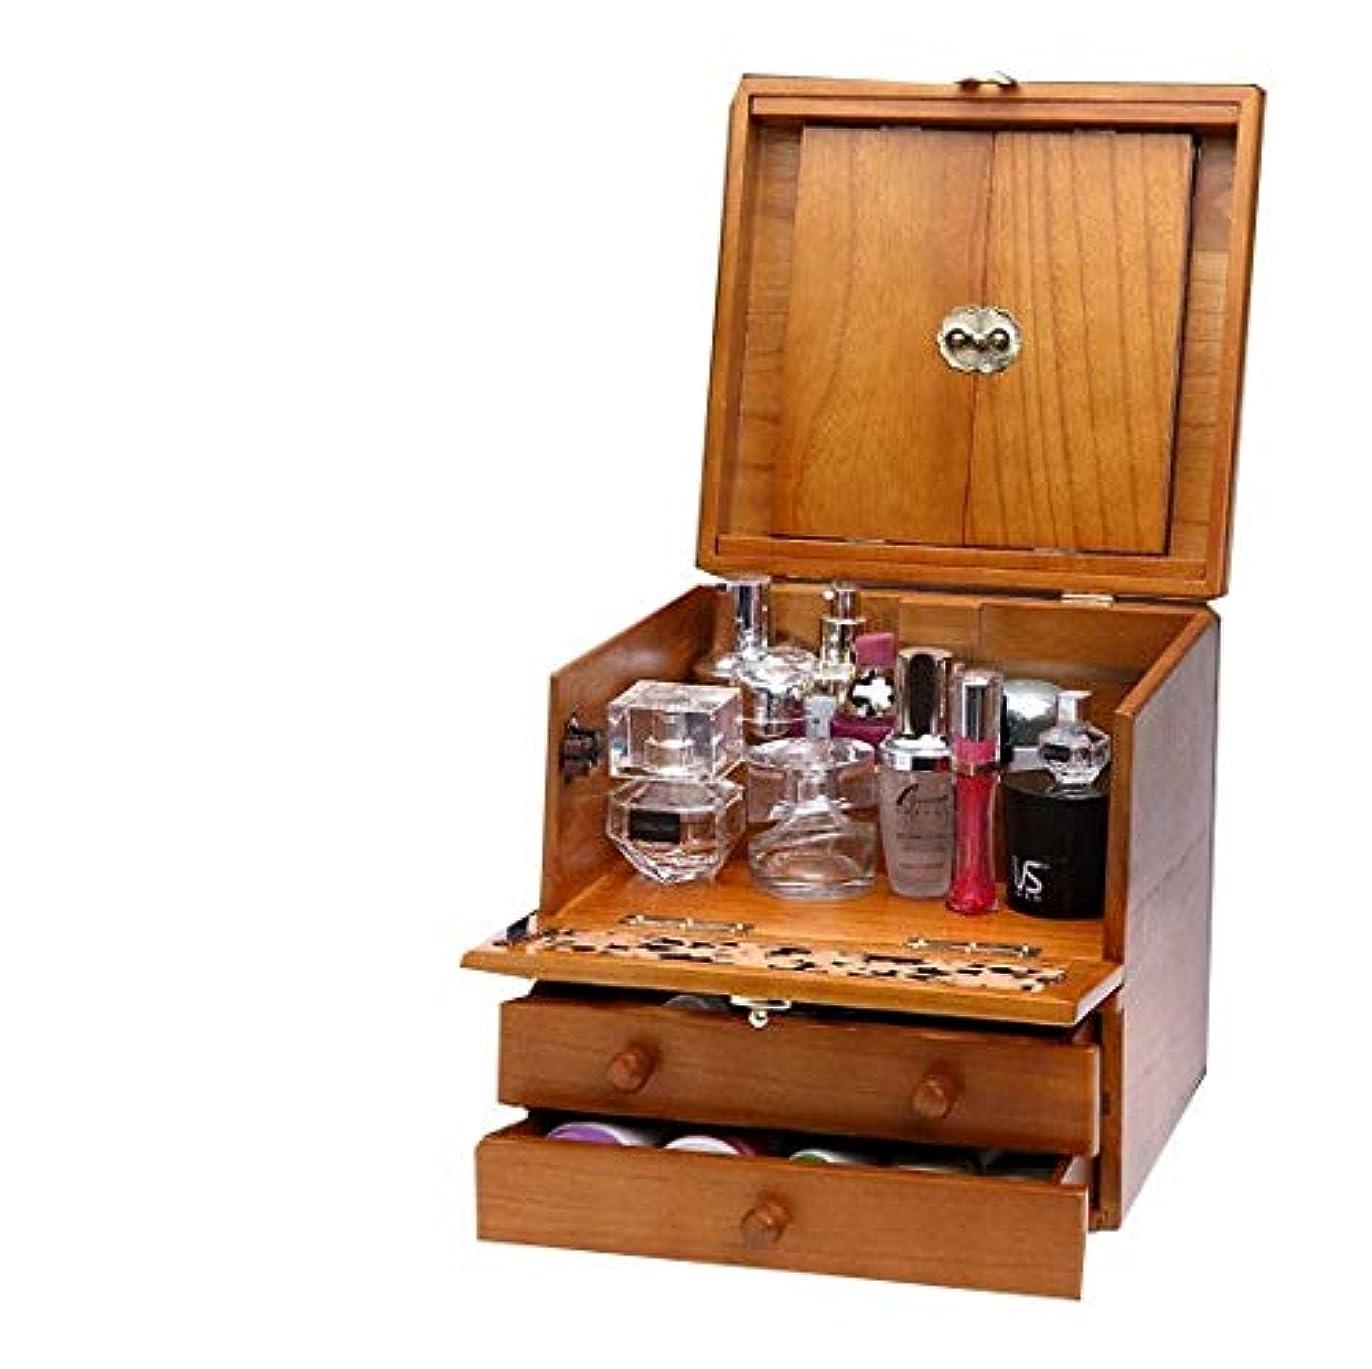 椅子フレームワークマサッチョ化粧箱、3層レトロ木製彫刻化粧ケース付きミラー、ハイエンドのウェディングギフト、新築祝いのギフト、美容ネイルジュエリー収納ボックス